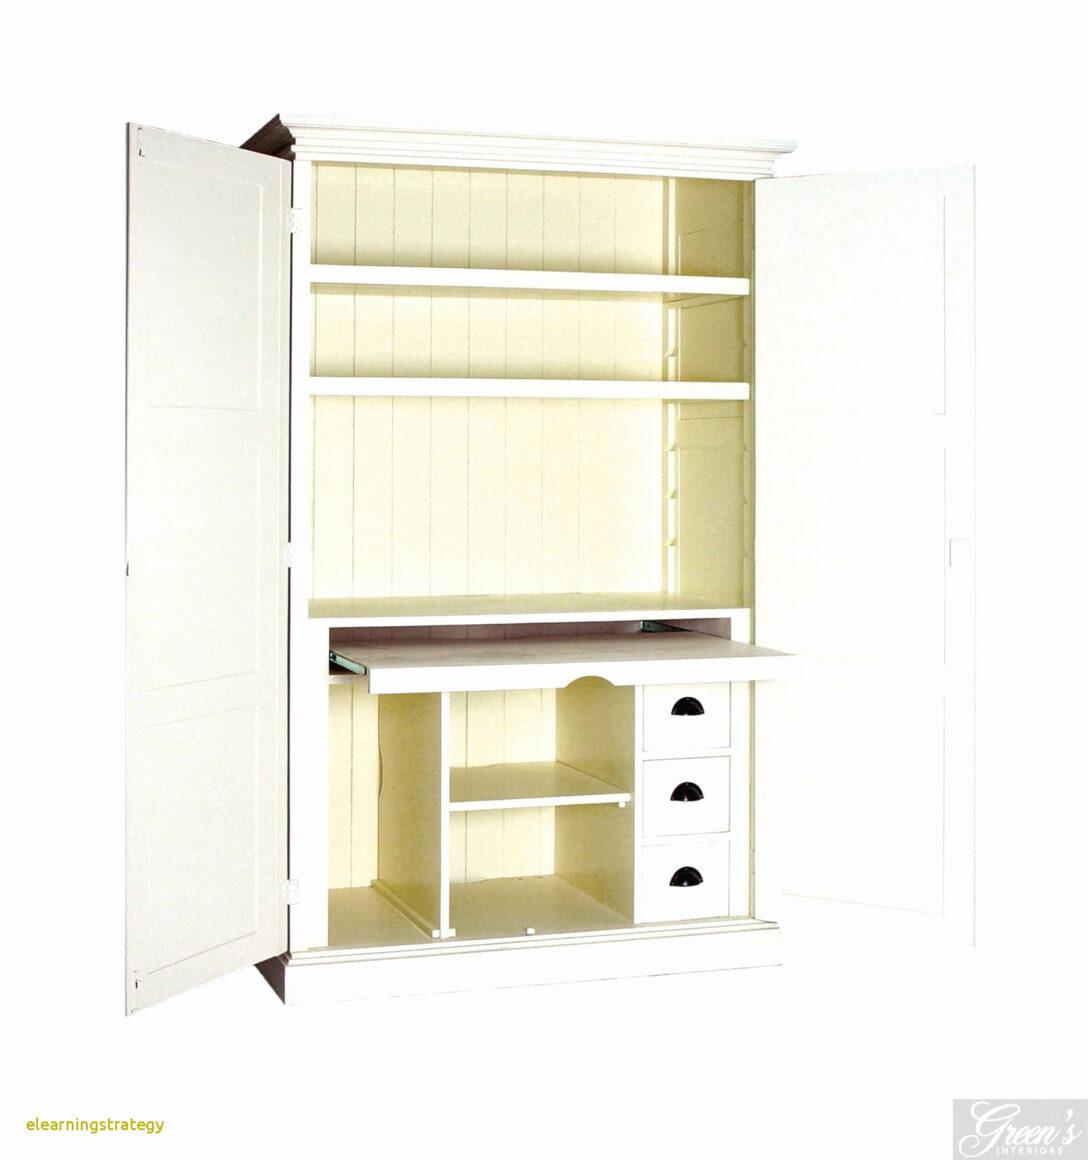 Large Size of 28 Luxus Lager Von Kleiderschrank Schrge Ikea Badezimmer Spiegelschrank Unterschrank Bad Mit Beleuchtung Hochschrank Küche Eckschrank Hängeschrank Miniküche Wohnzimmer Schrank Dachschräge Hinten Ikea